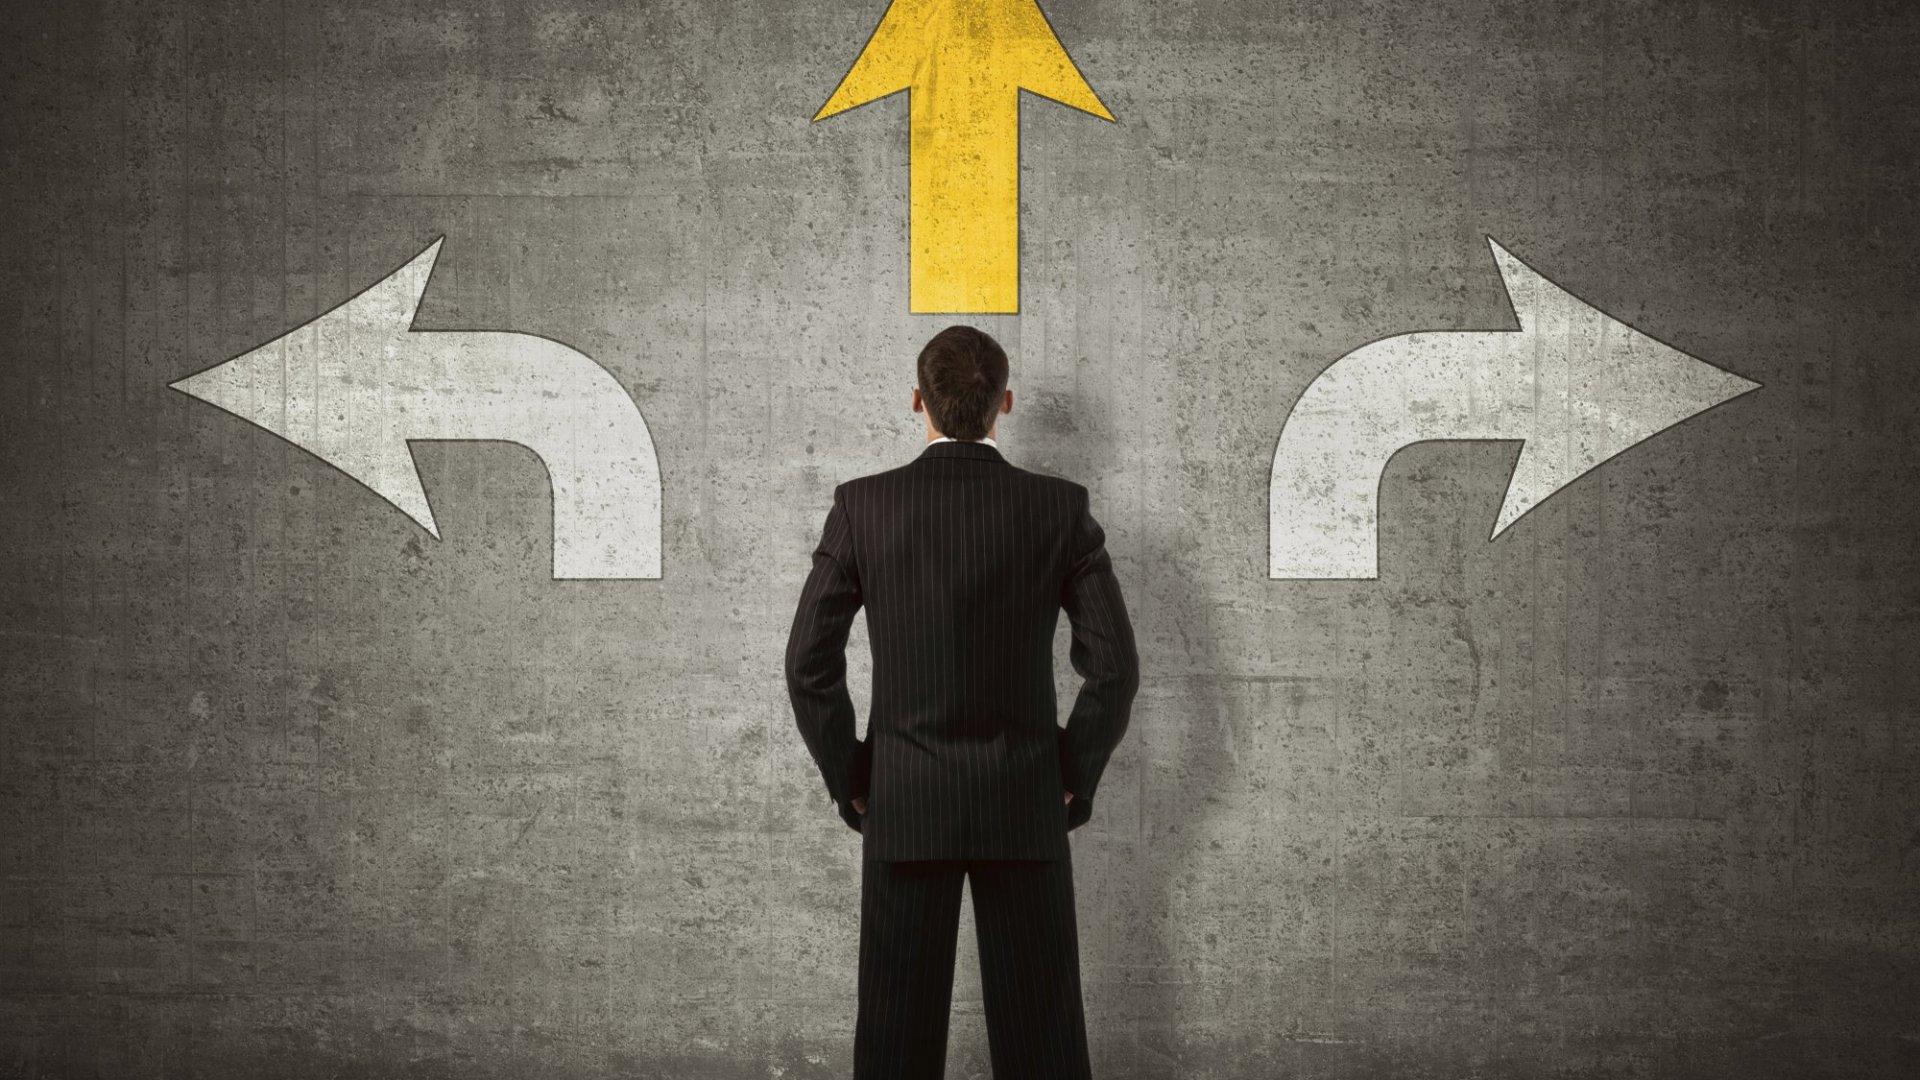 ۵ گام ساده اما کاربردی برای تصمیم گیری درست و منطقی